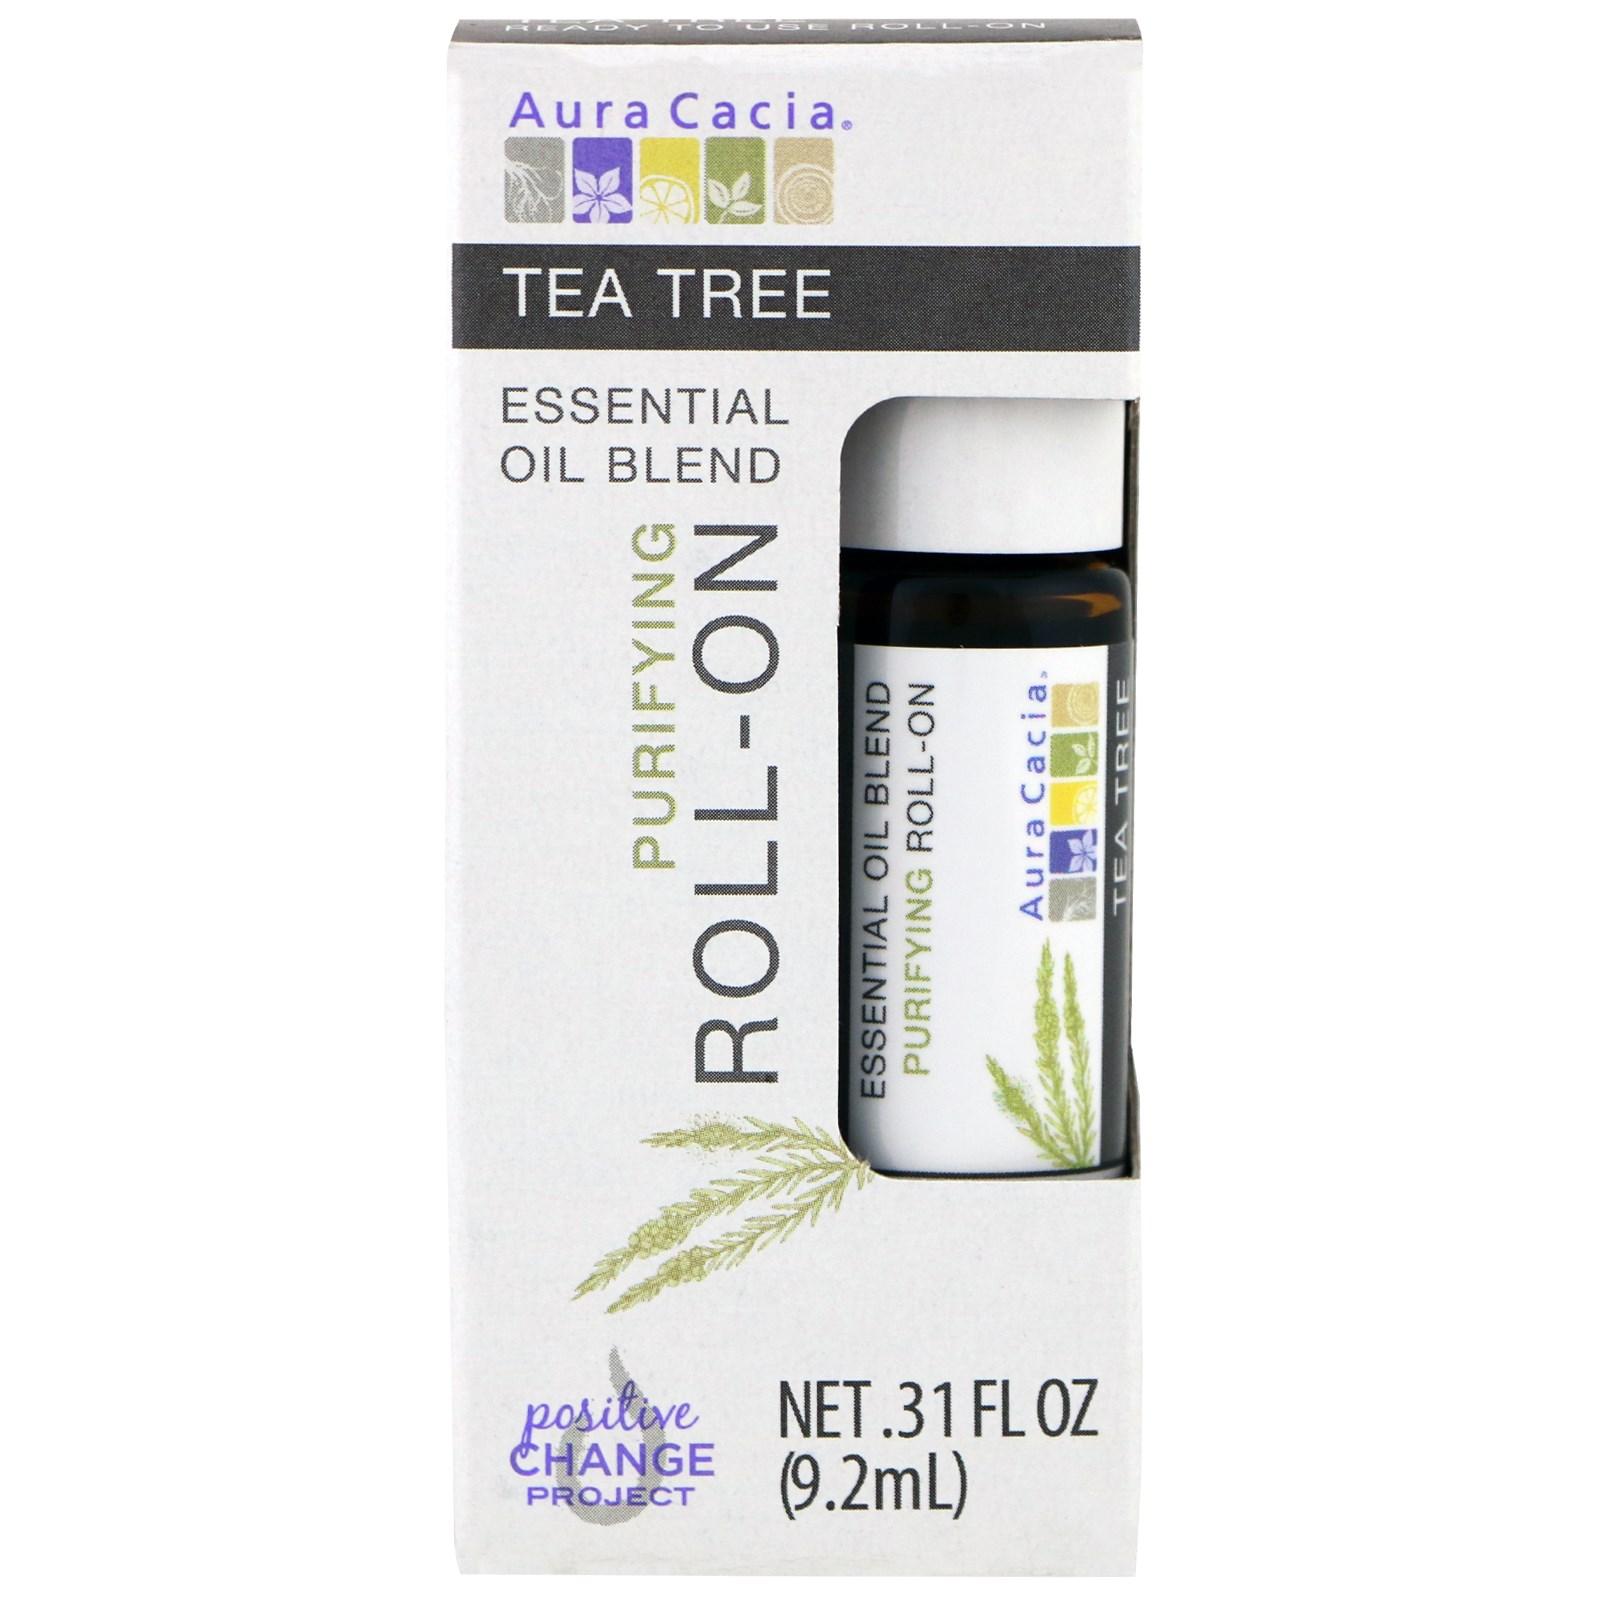 Aura Cacia, Смесь эфирного масла, очищающий роликовый аппликатор, чайное дерево, 0,31 жидкие унции (9,2 мл)